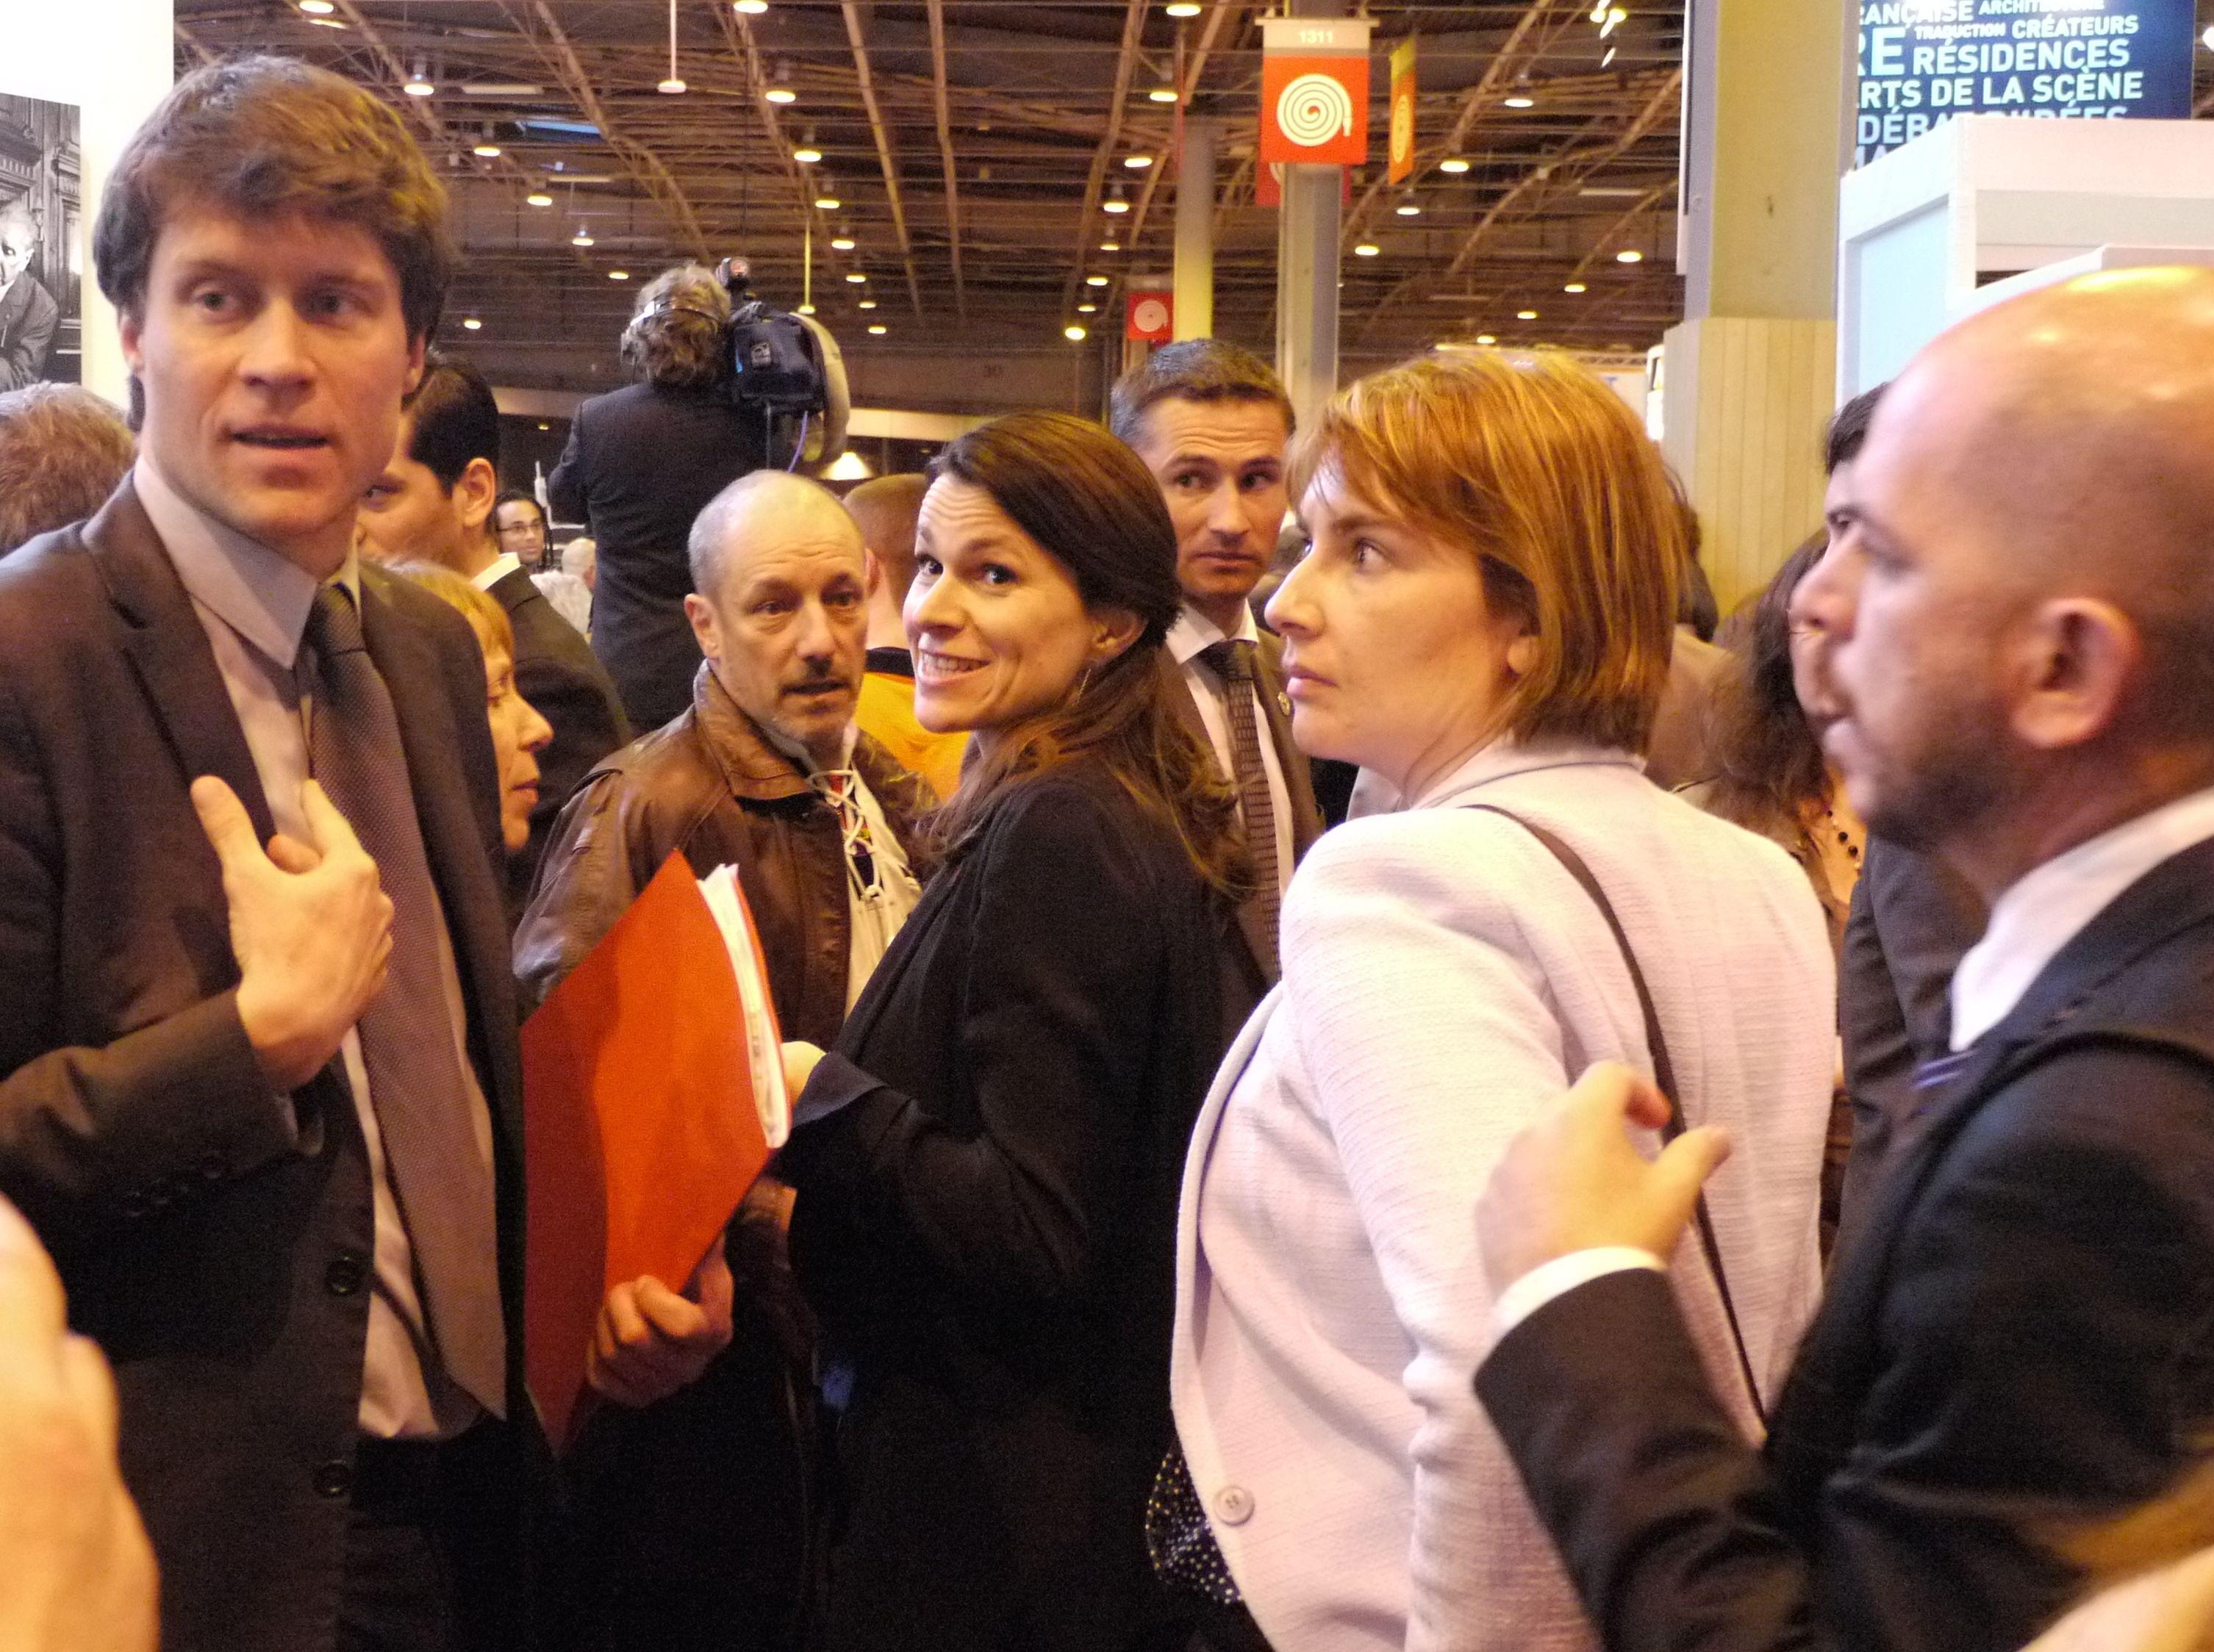 Aurélie Filippetti, Ministre de la Culture et de la Communication, était à l'inauguration du Salon du livre de Paris, jeudi 20 mars